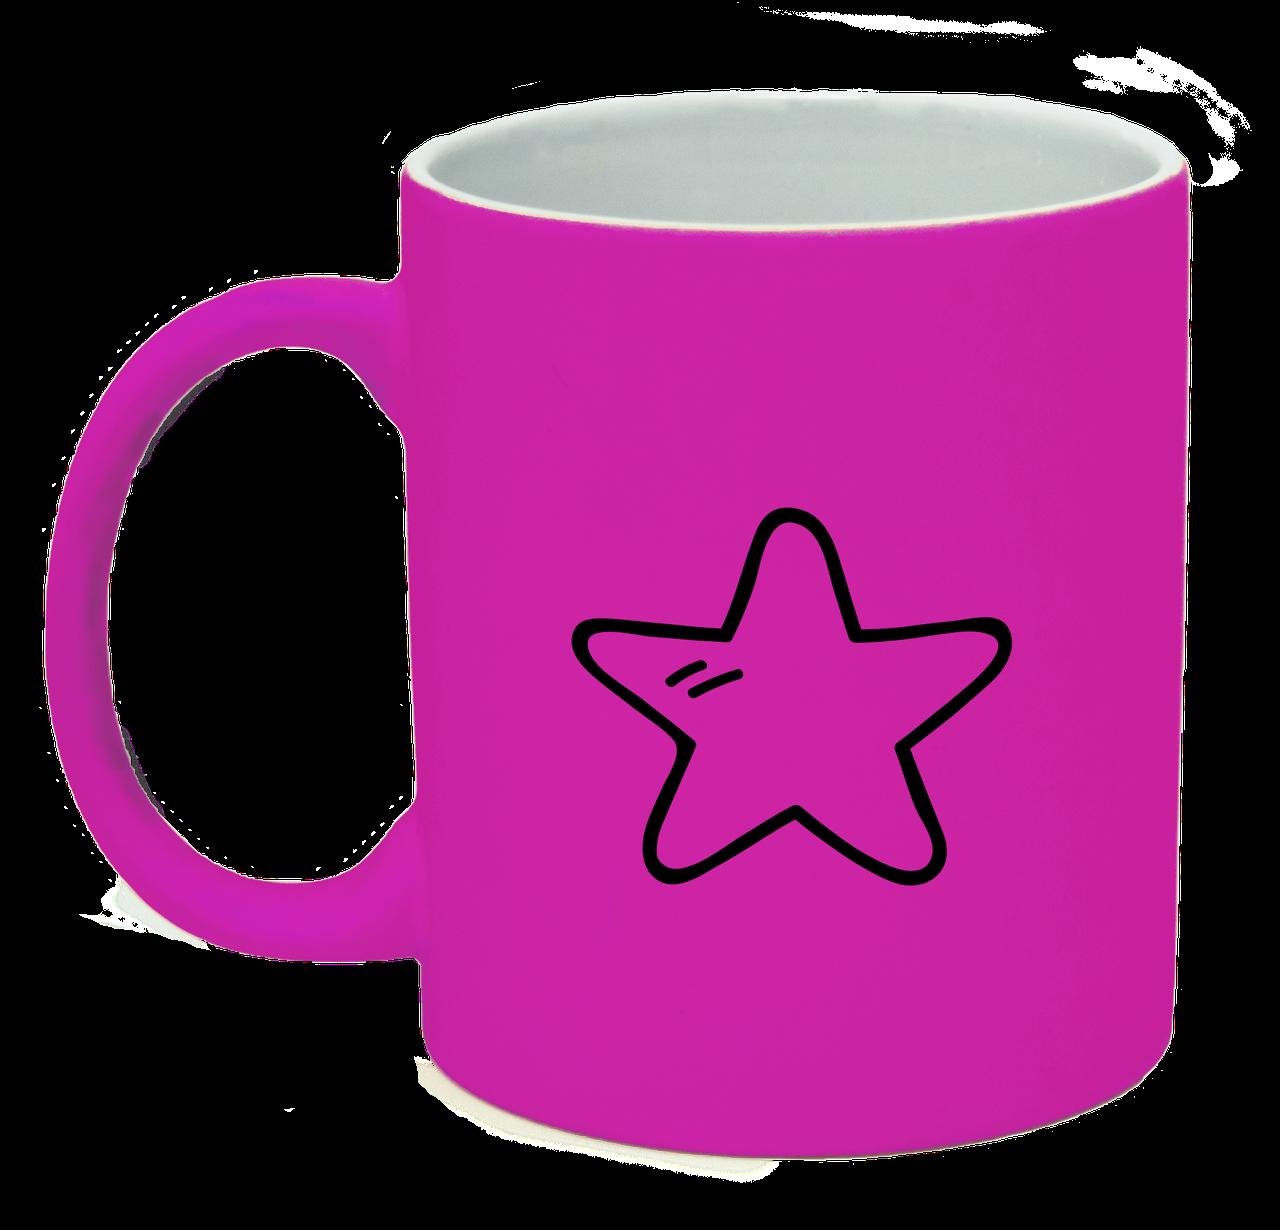 Неоновая матовая чашка Звездочка, ярко-розовая